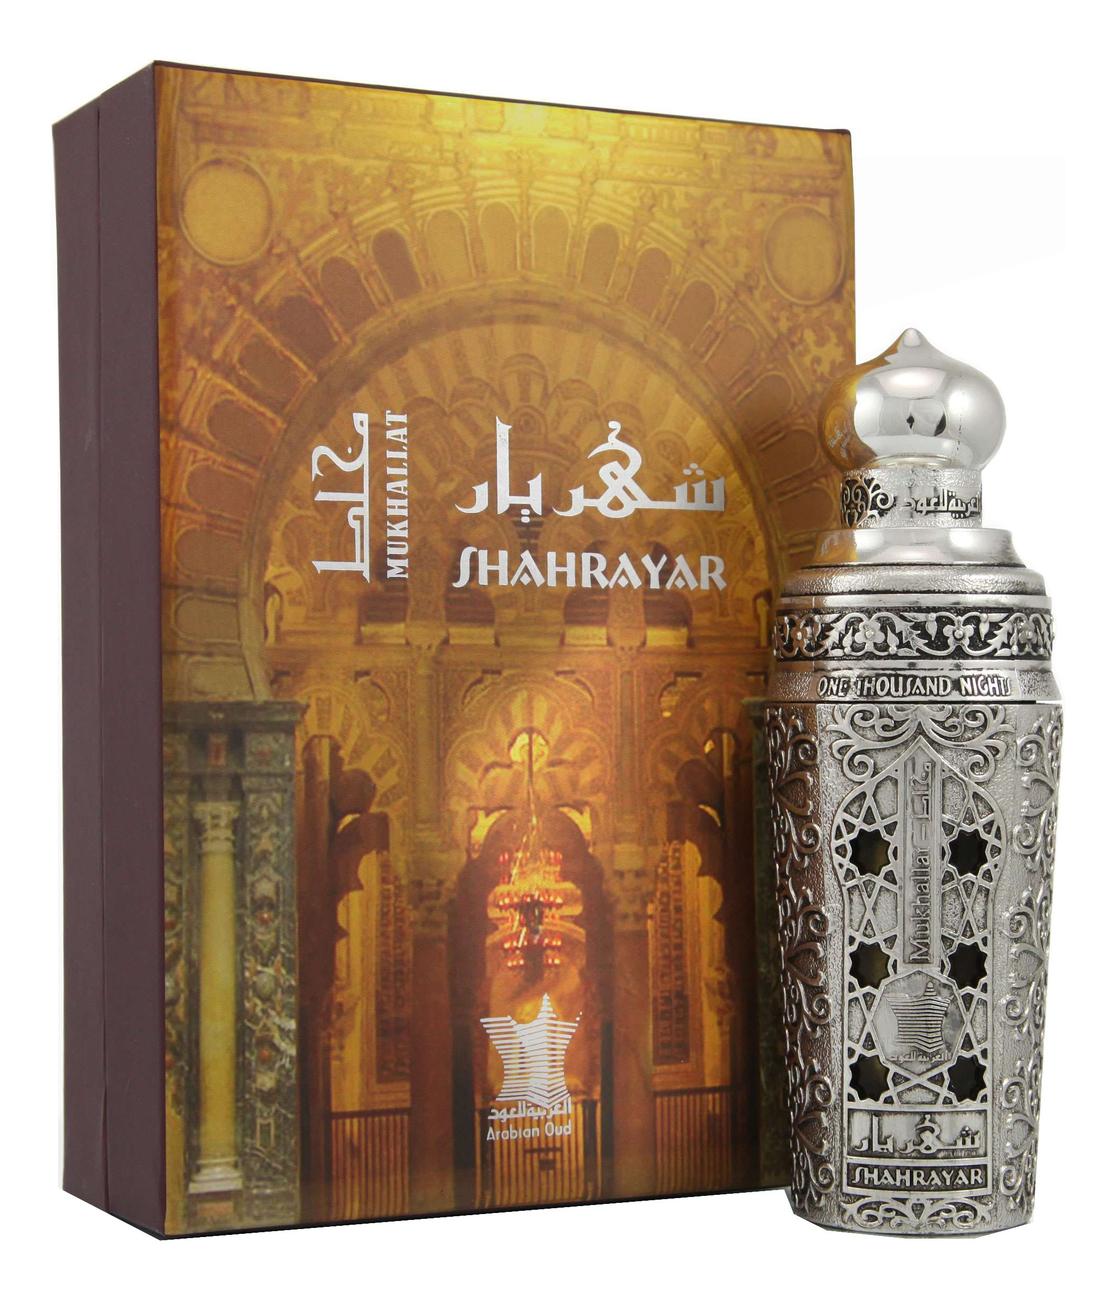 Arabian Oud Shahrayar Man : парфюмерная вода 100мл